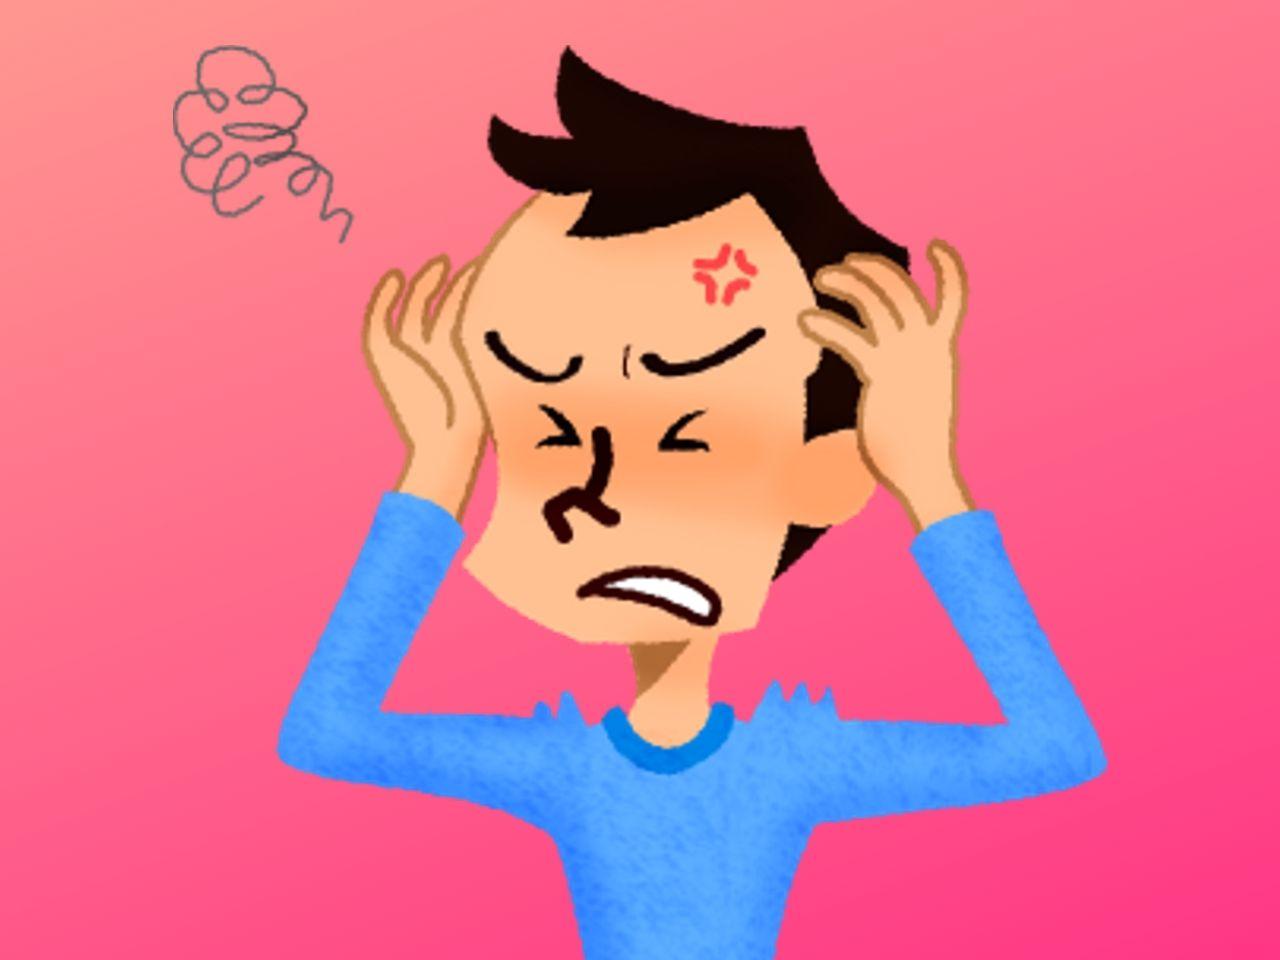 音嫌悪症でイライラしている男性